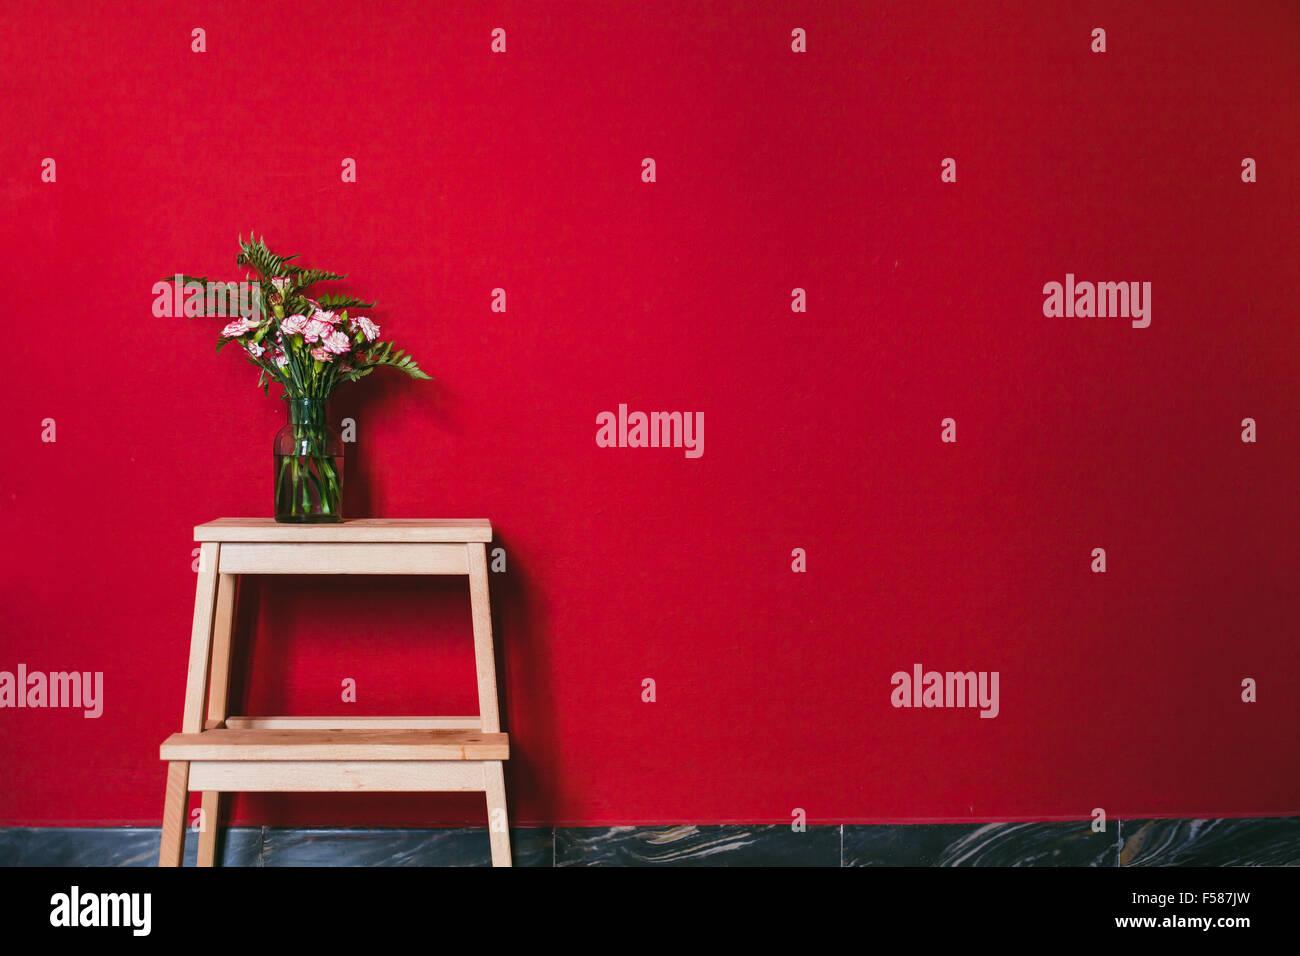 Semplice design di interni, fiori in vaso sulla parete rossa sullo sfondo Immagini Stock